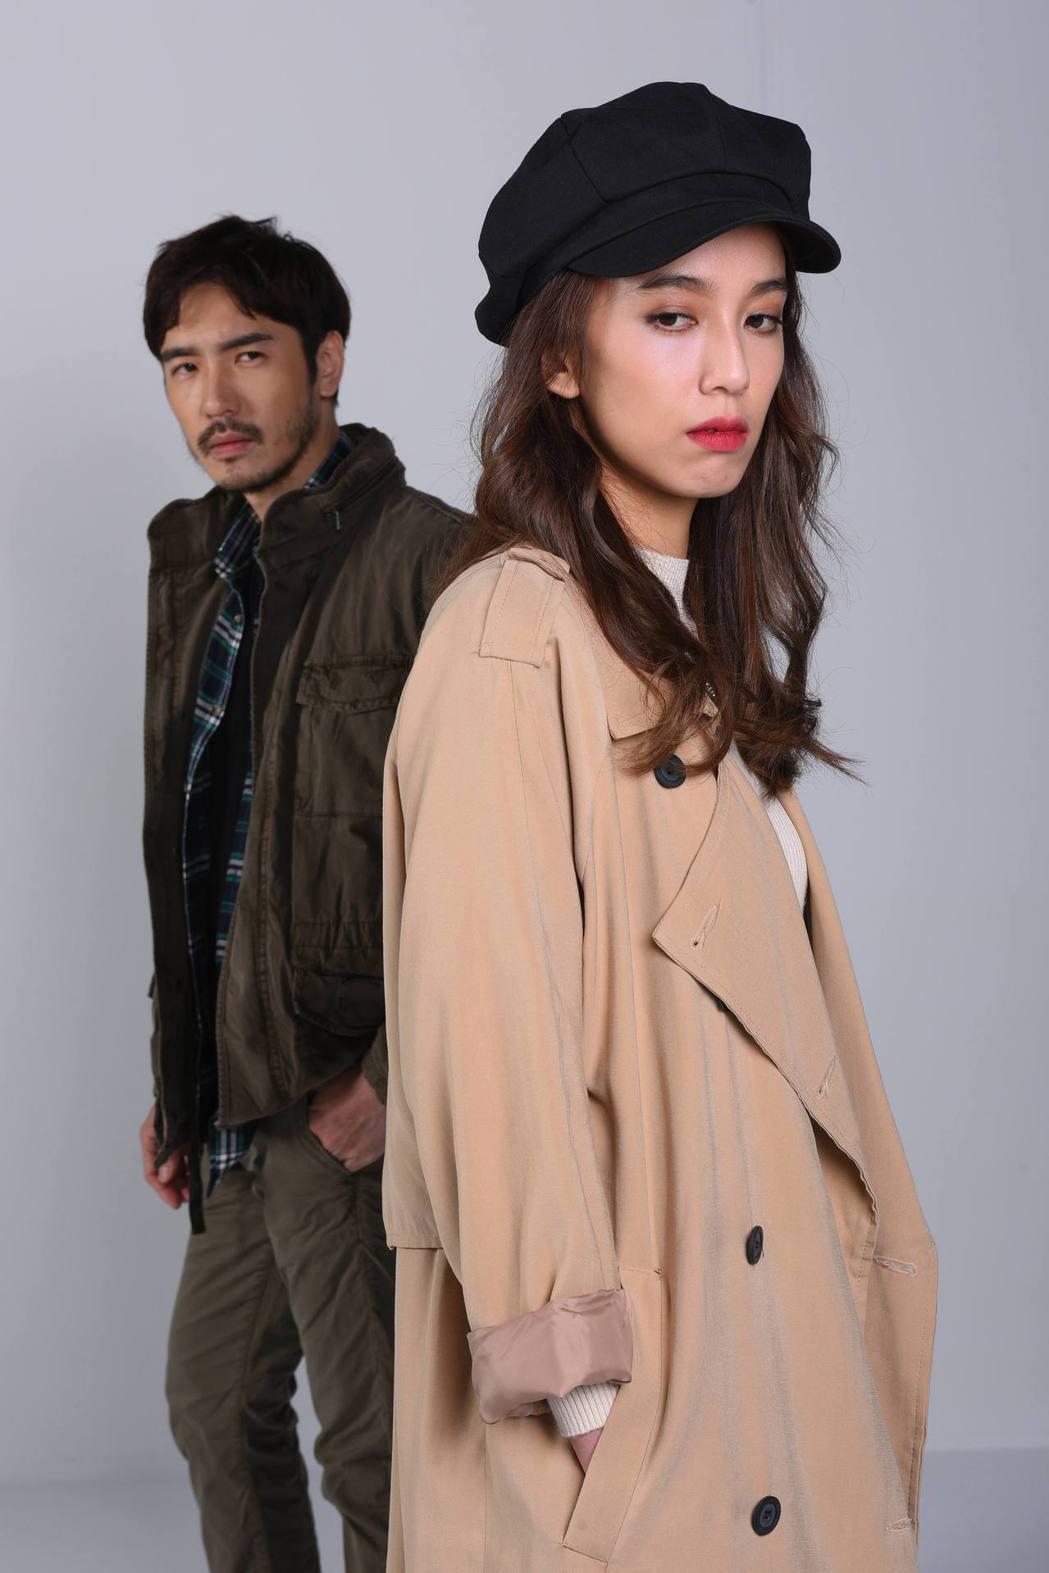 陳庭妮、李至正戲中將有段曖昧情愫,但私下絲毫不來電。圖/緯來電影台提供